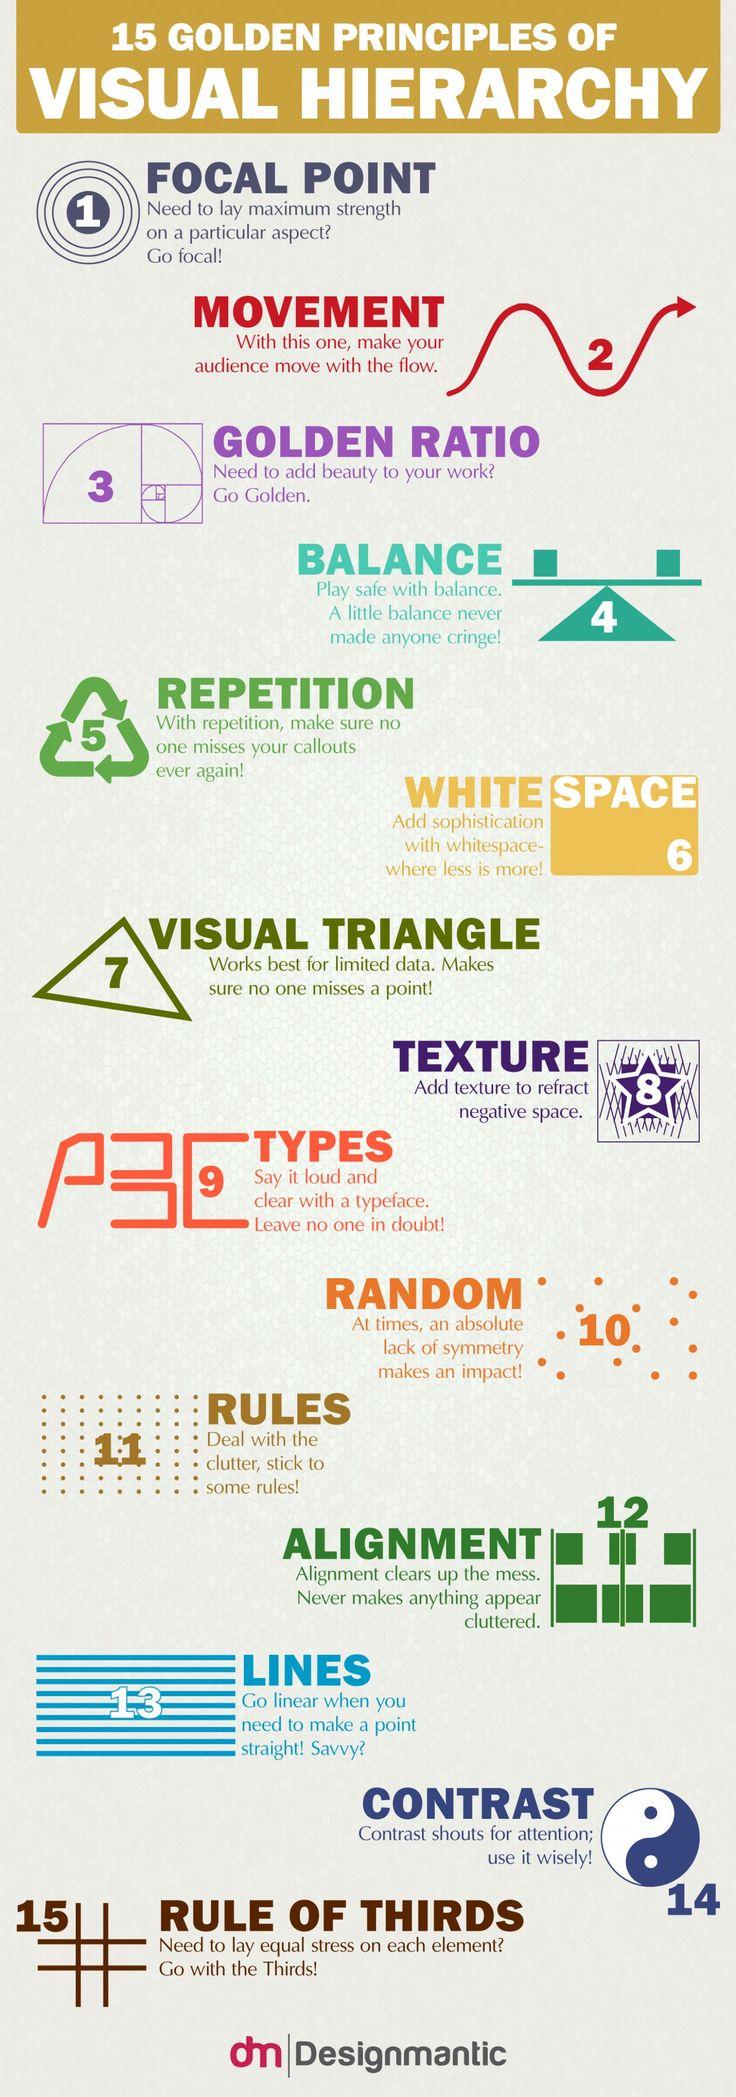 15 Golden Principles of Visual Hierarchy